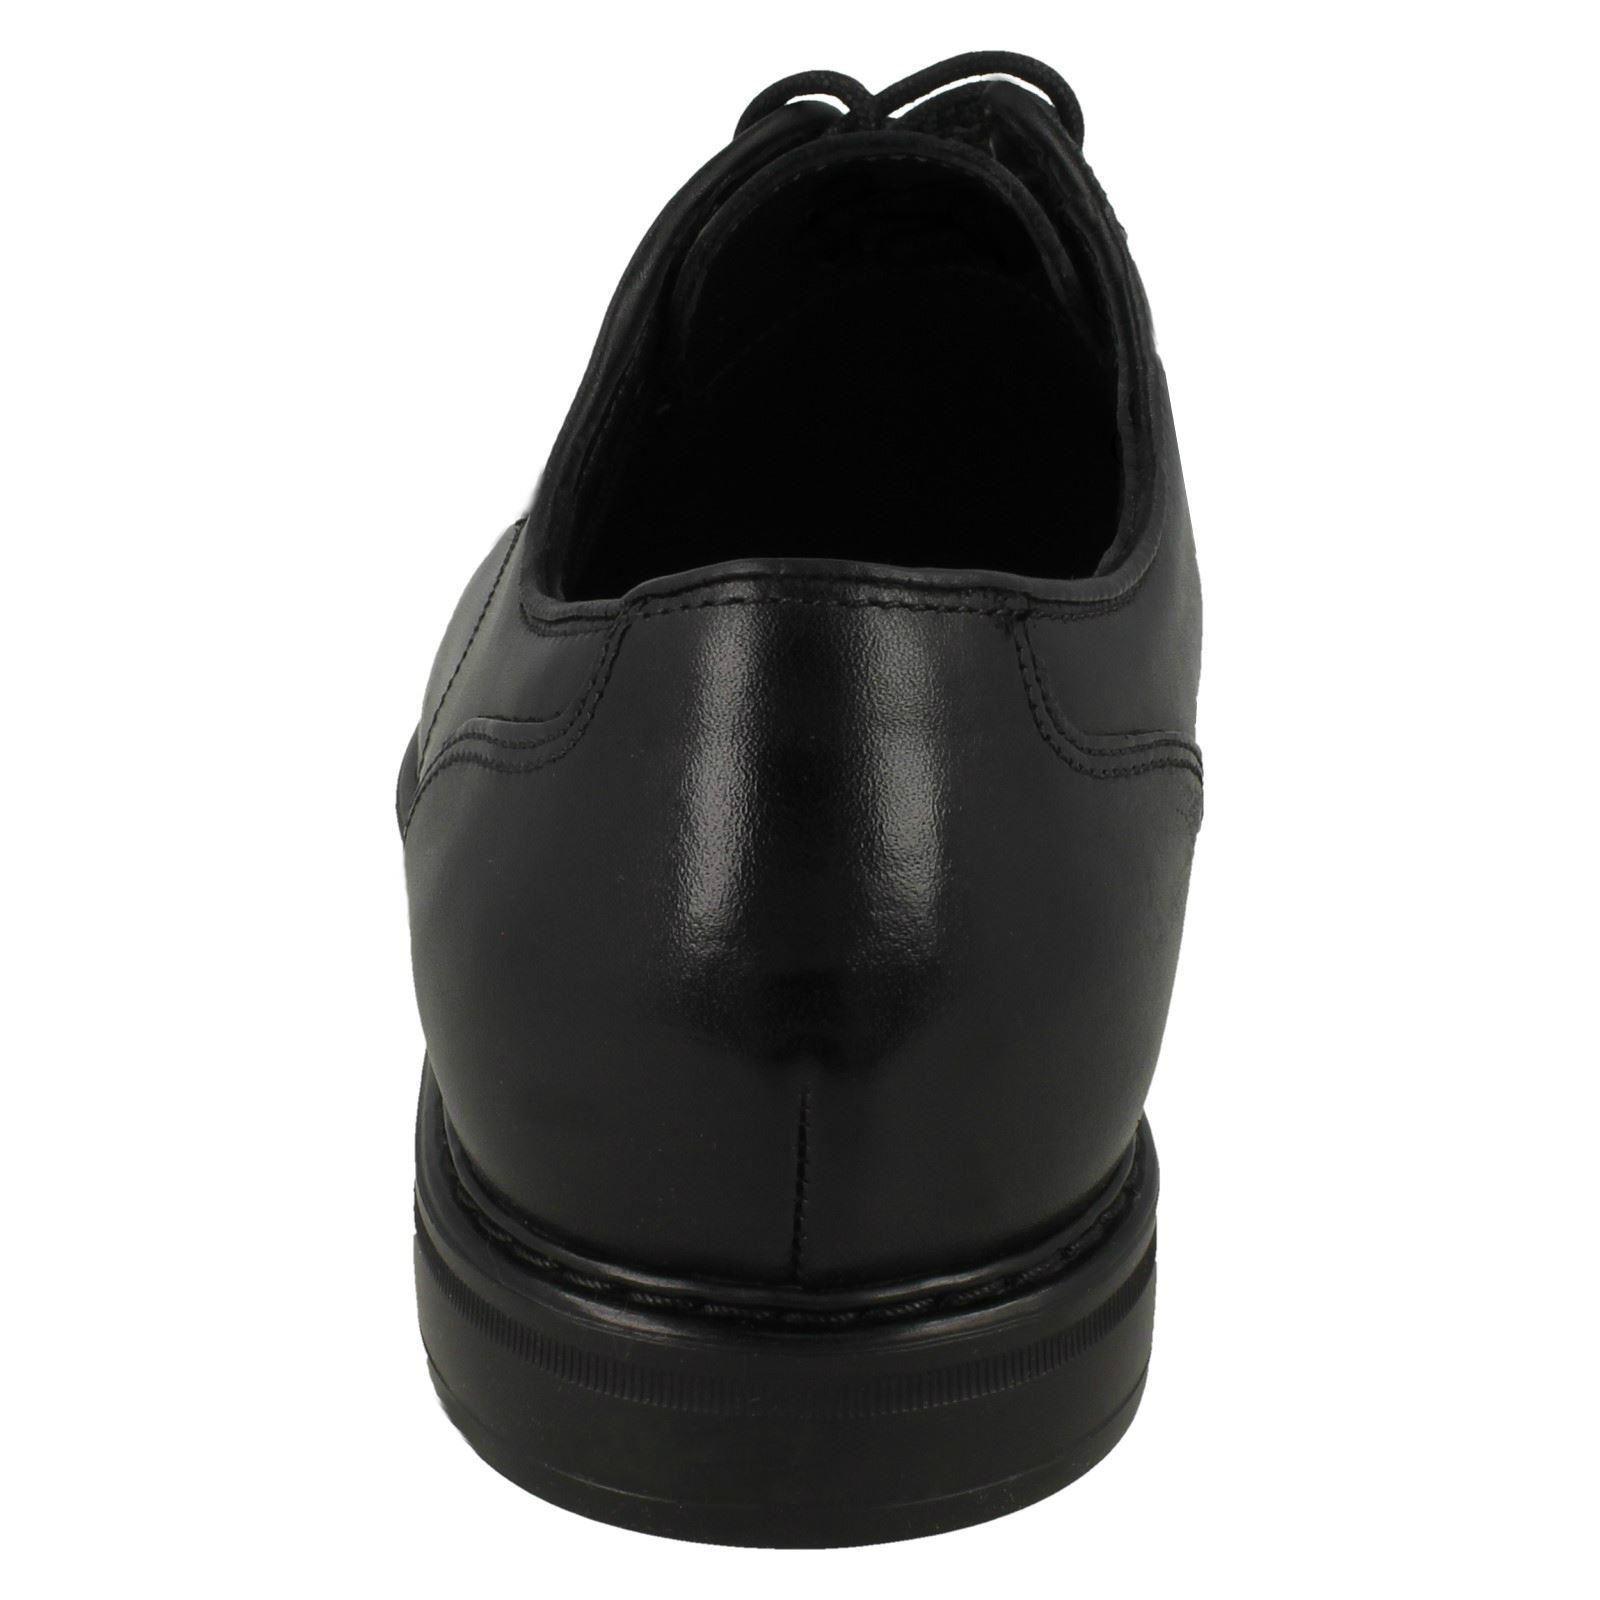 Hombre Clarks Clarks Hombre Zapatos Formales 'Banbury Encaje' 7bf234